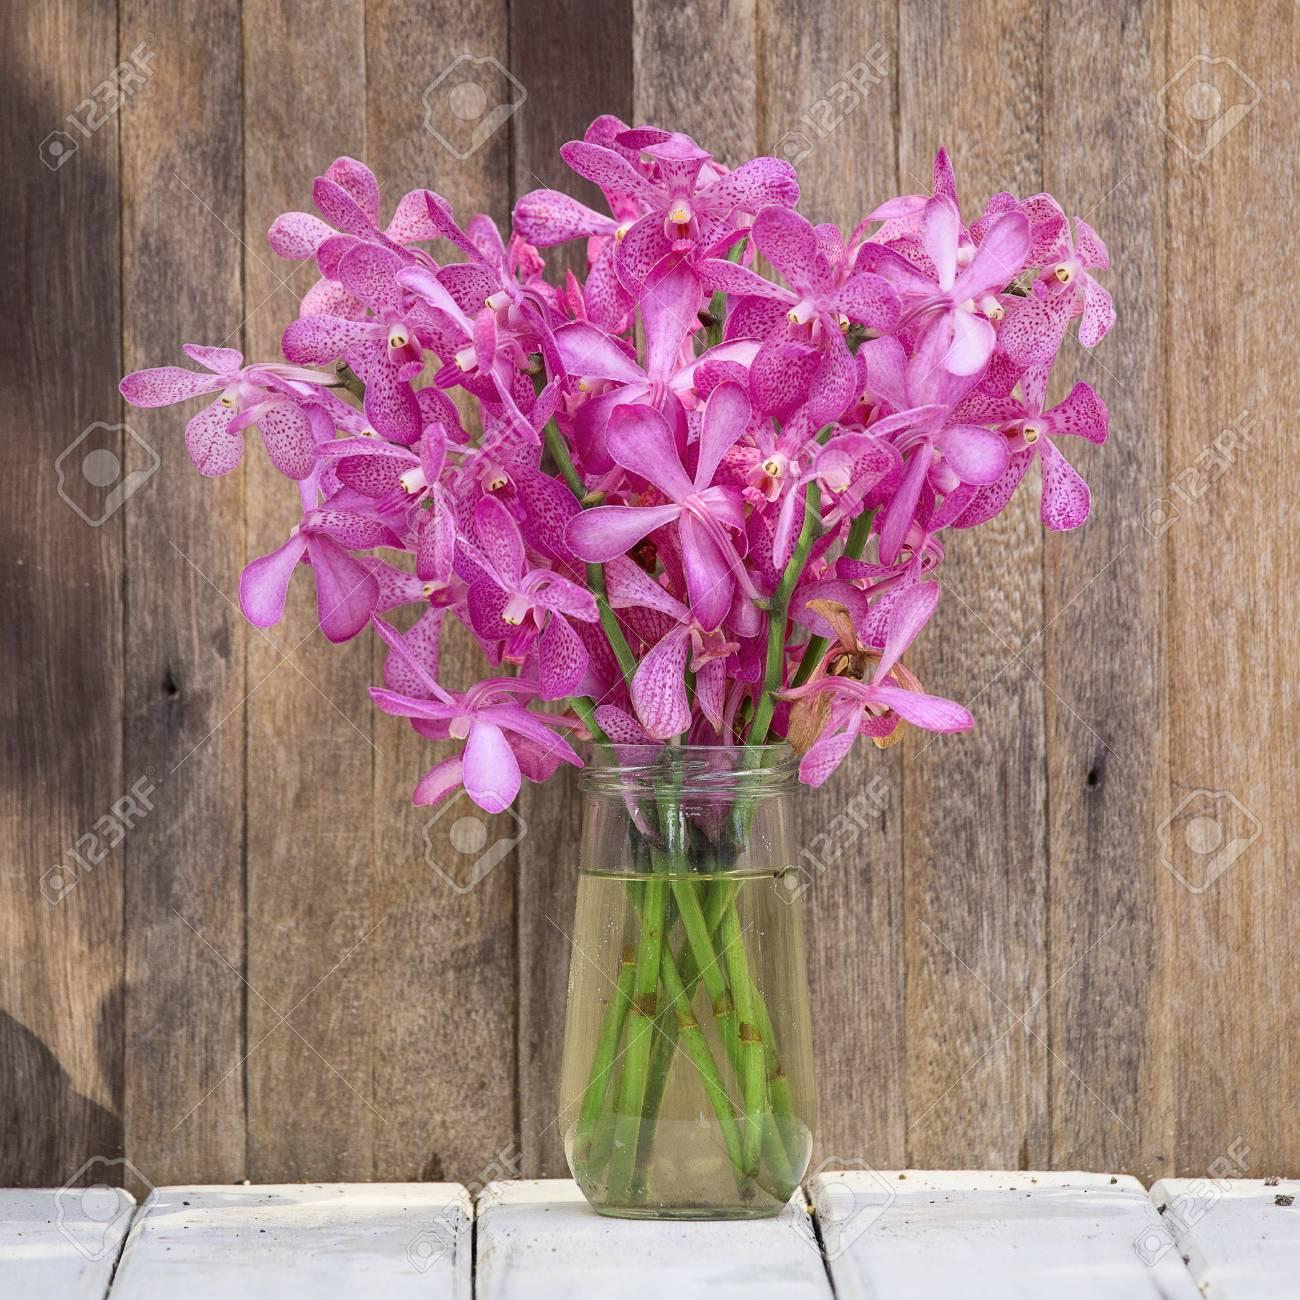 Mazzo Di Fiori Orchidee.Immagini Stock Primo Piano Bel Mazzo Di Orchidee Fiore Su Un